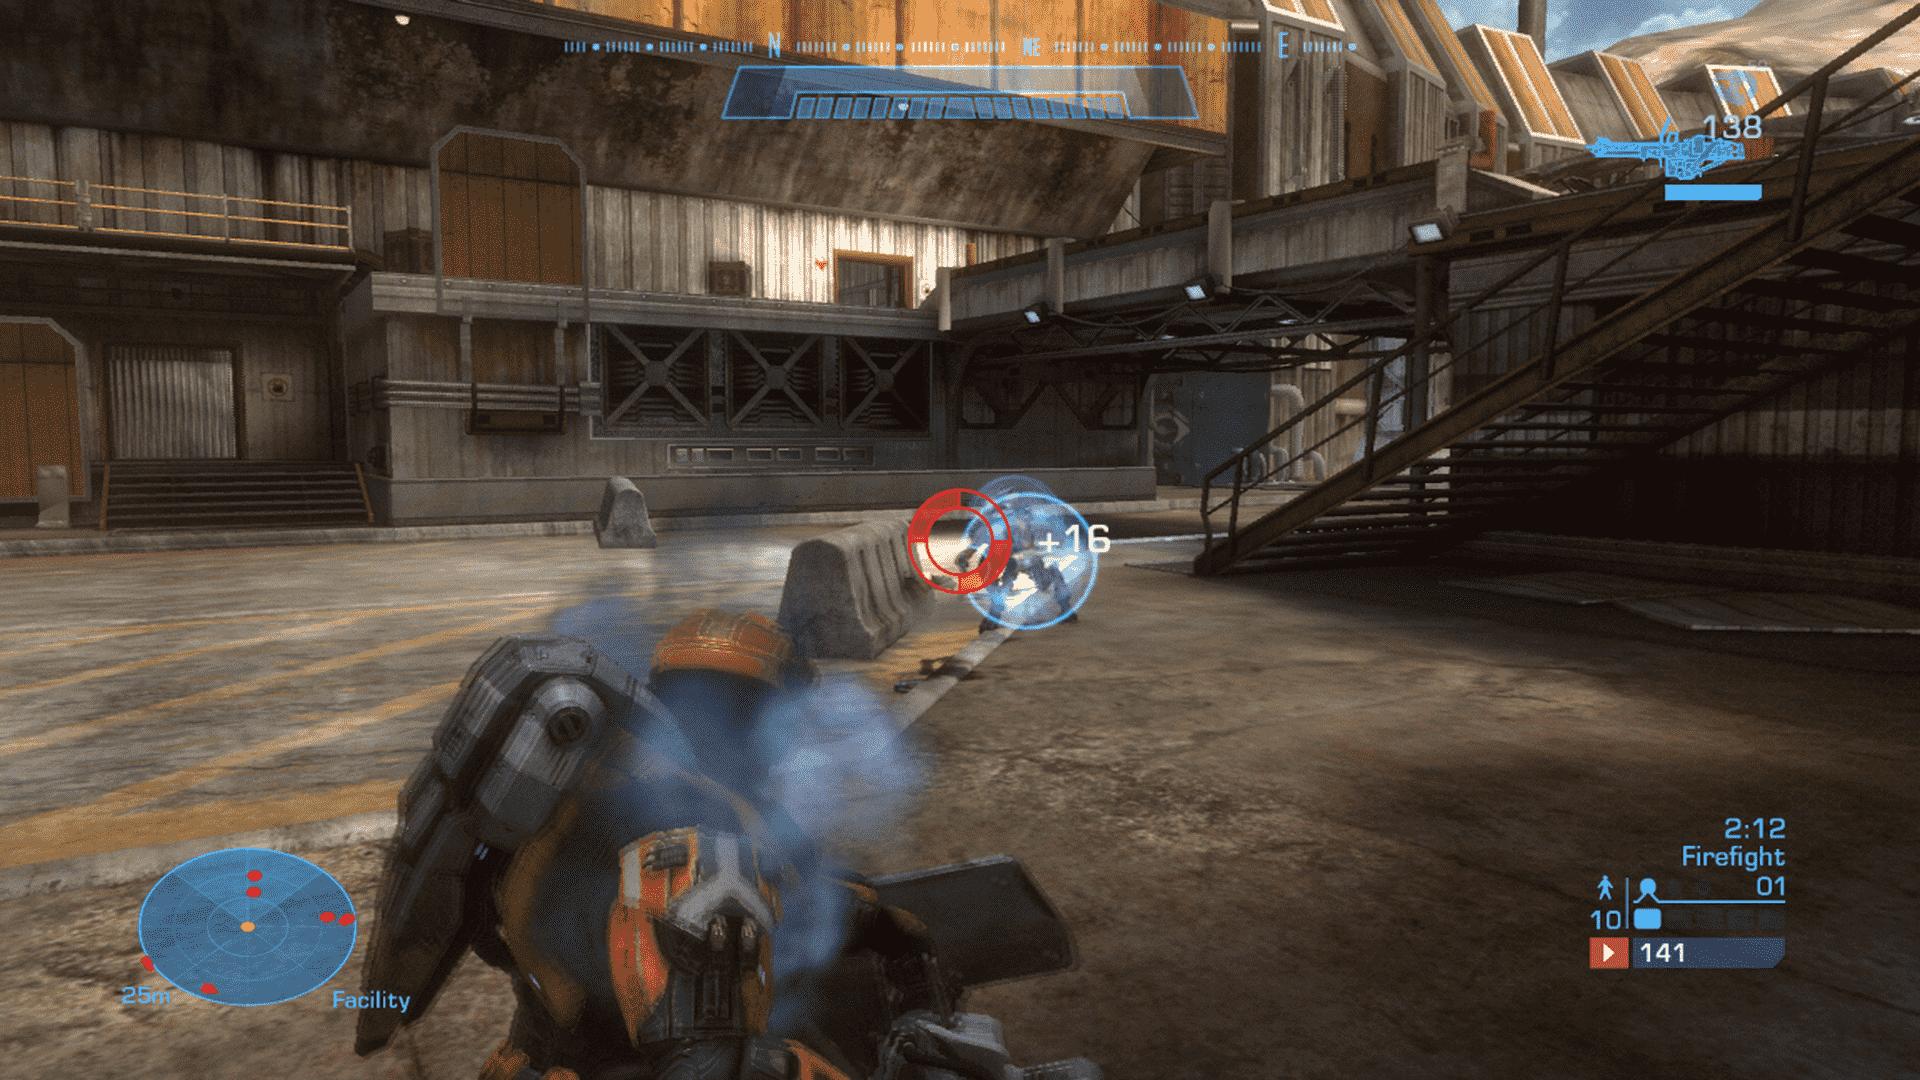 Halo: Reach - Defiant Map Pack Reviews, News, Descriptions